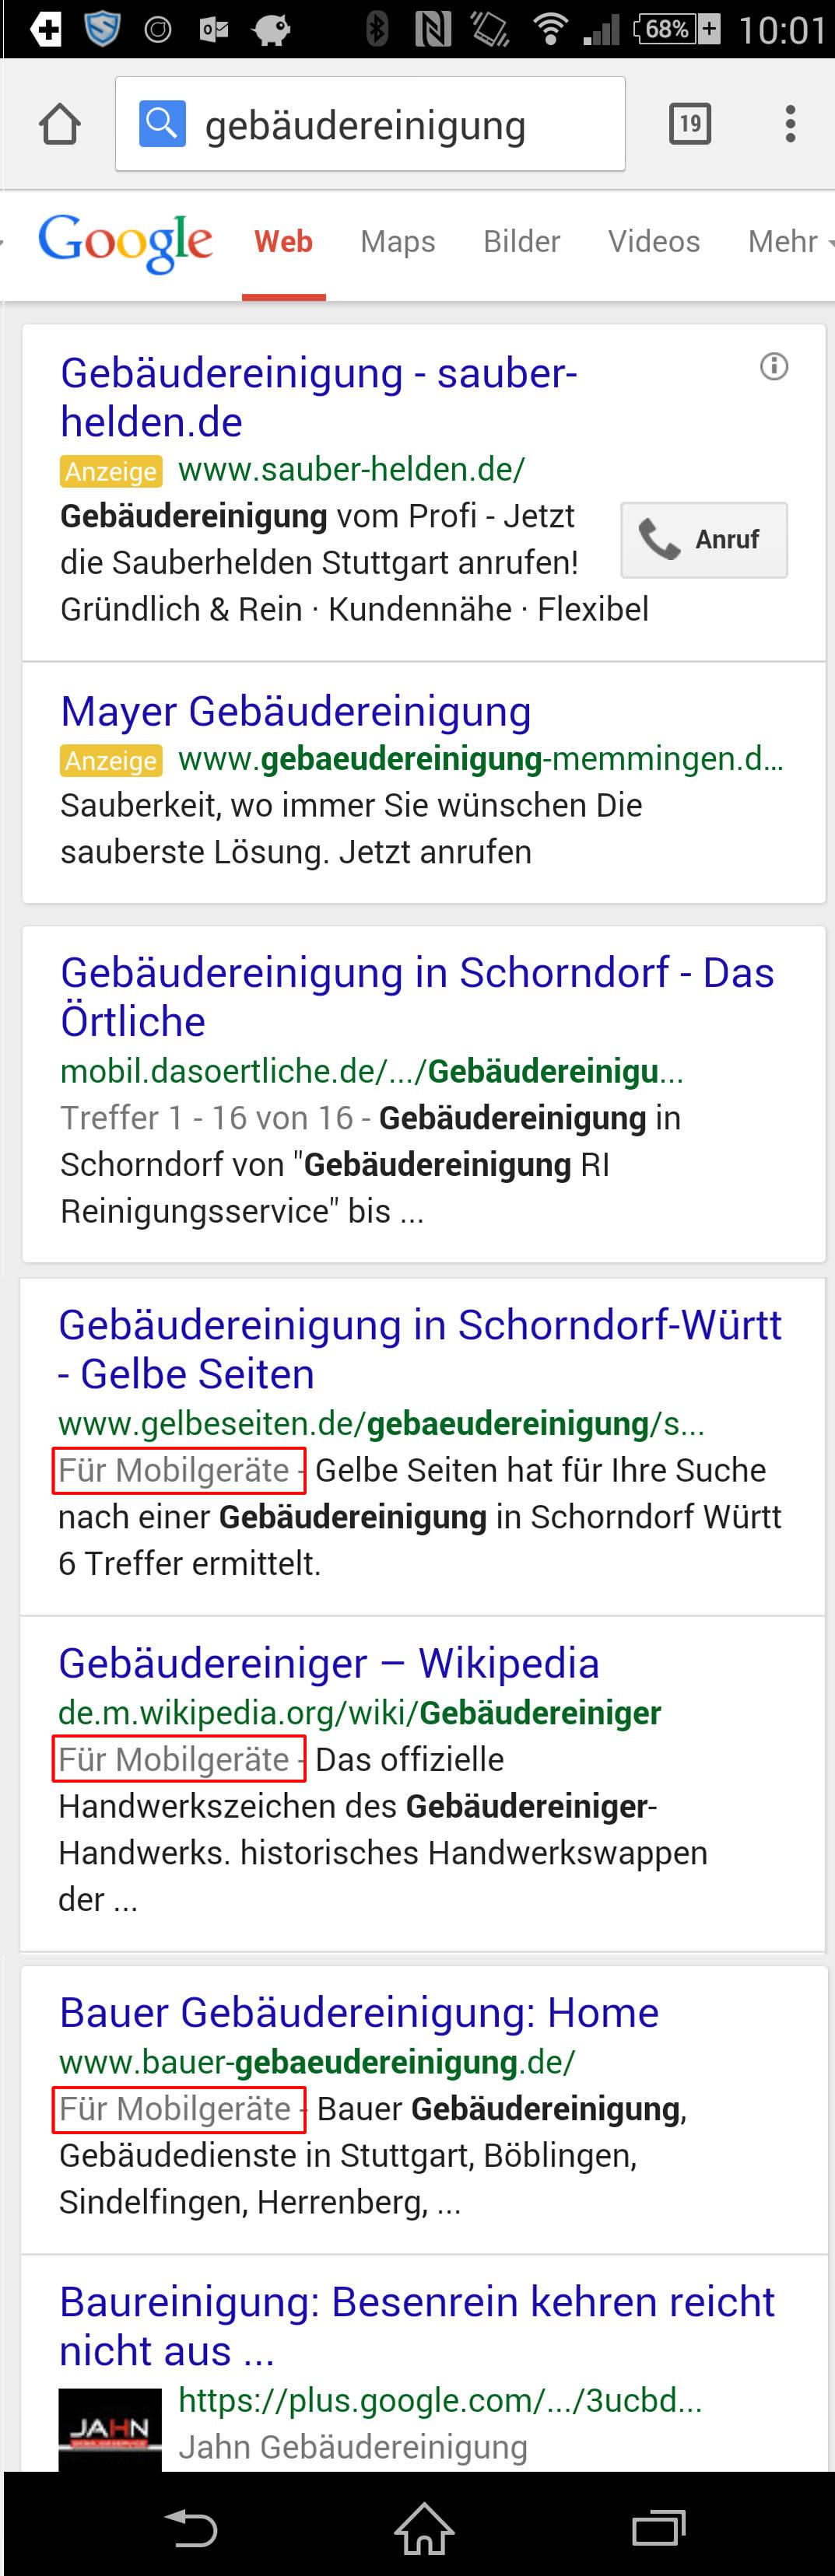 Mobiles Suchergebnis nach dem 21. April 2015